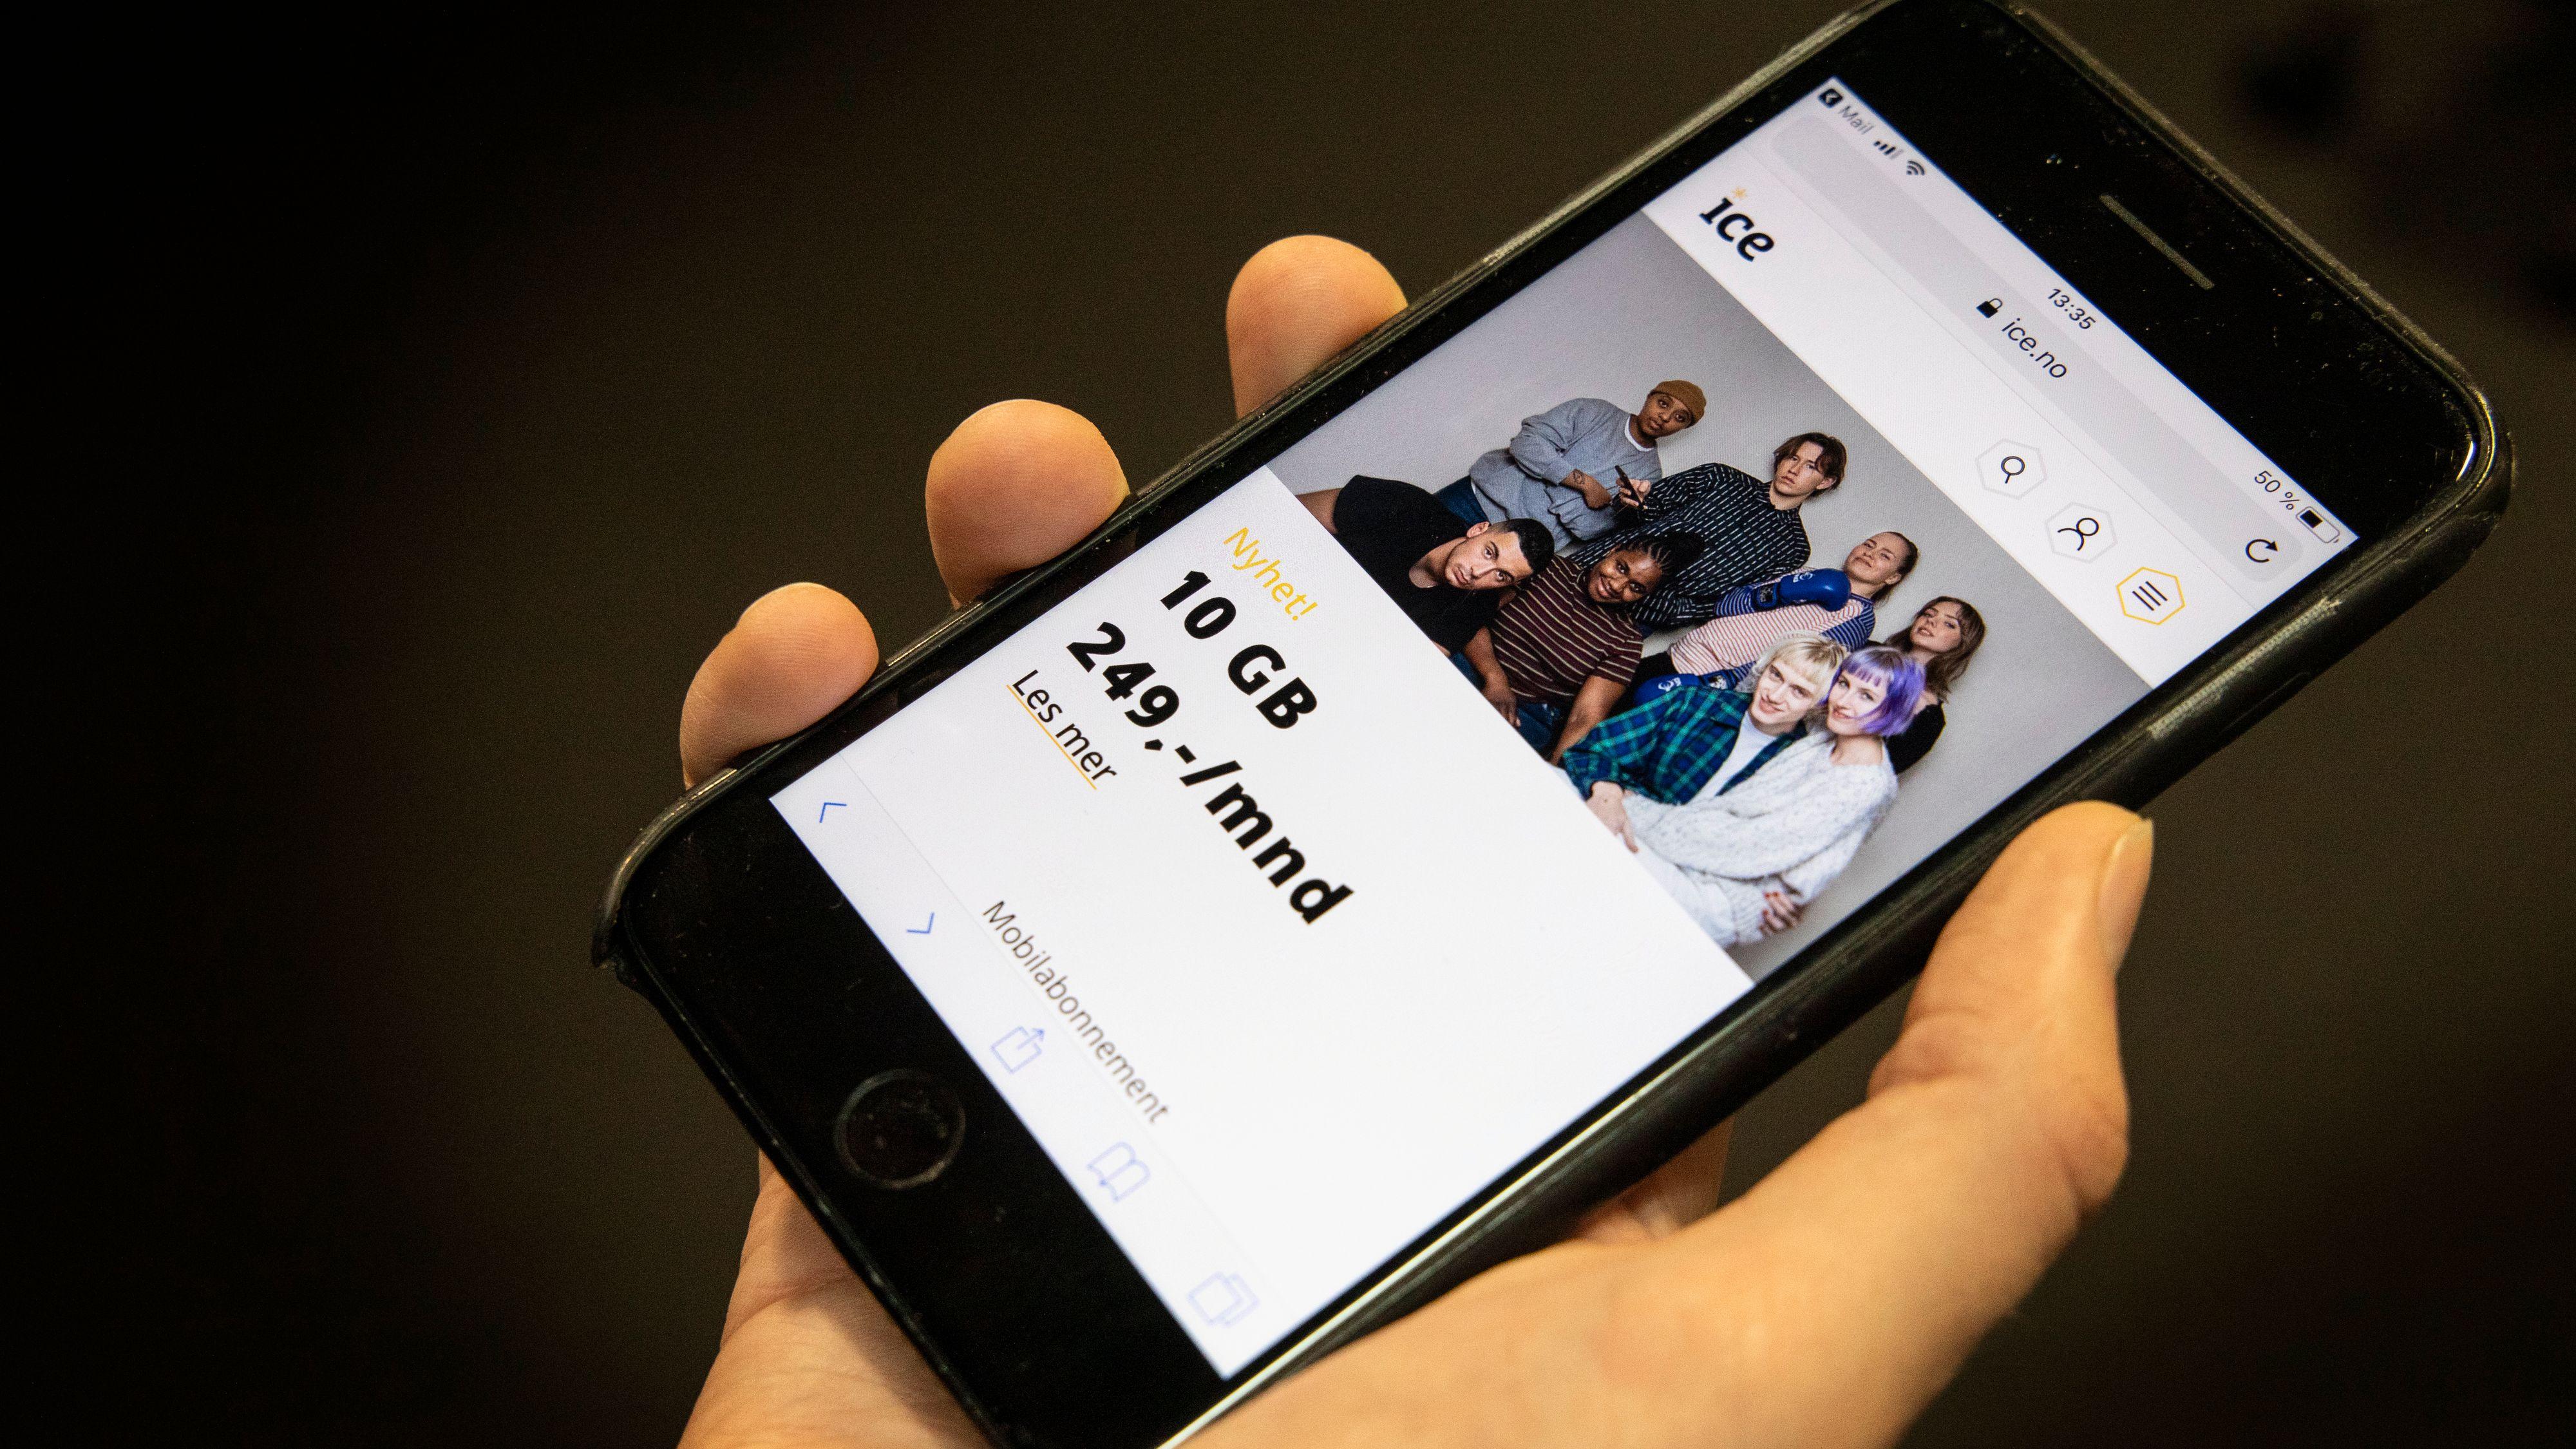 Ice lanserer IceUng: Gir ungdom 10 GB for 249 kroner i måneden